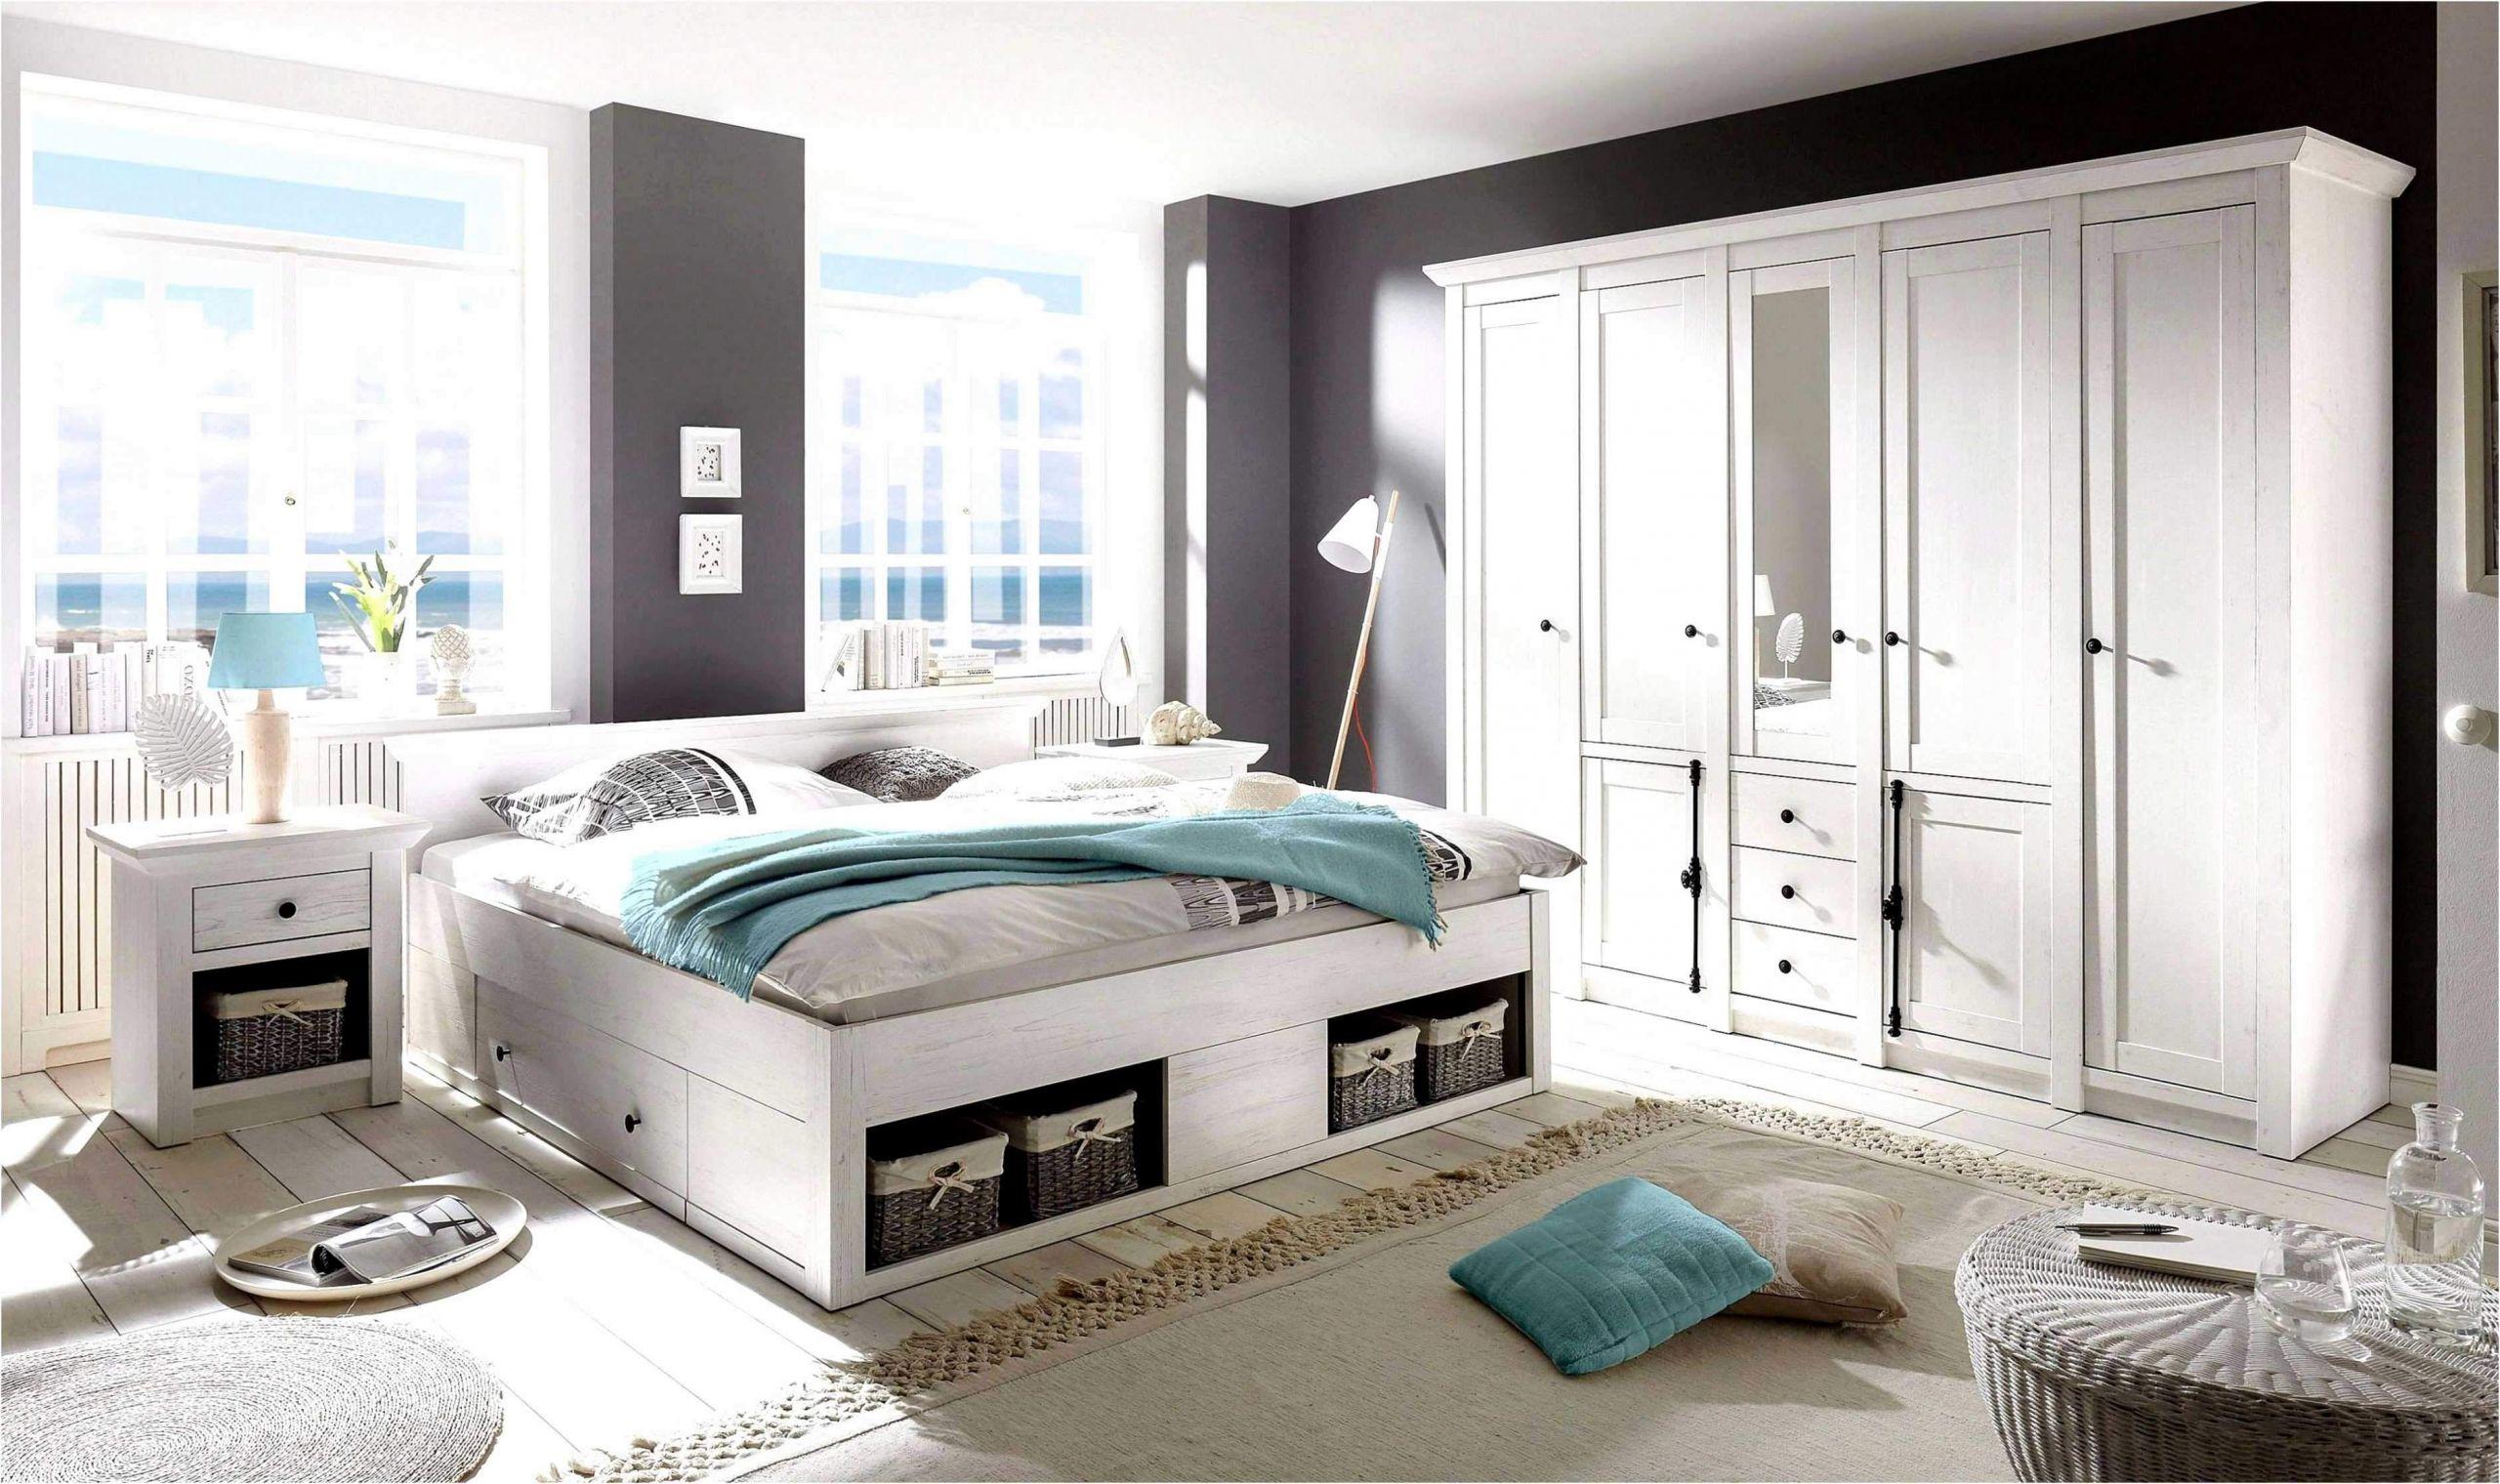 wohnzimmer design ideen schon 40 tolle von dekoration wohnzimmer ideen ideen of wohnzimmer design ideen scaled